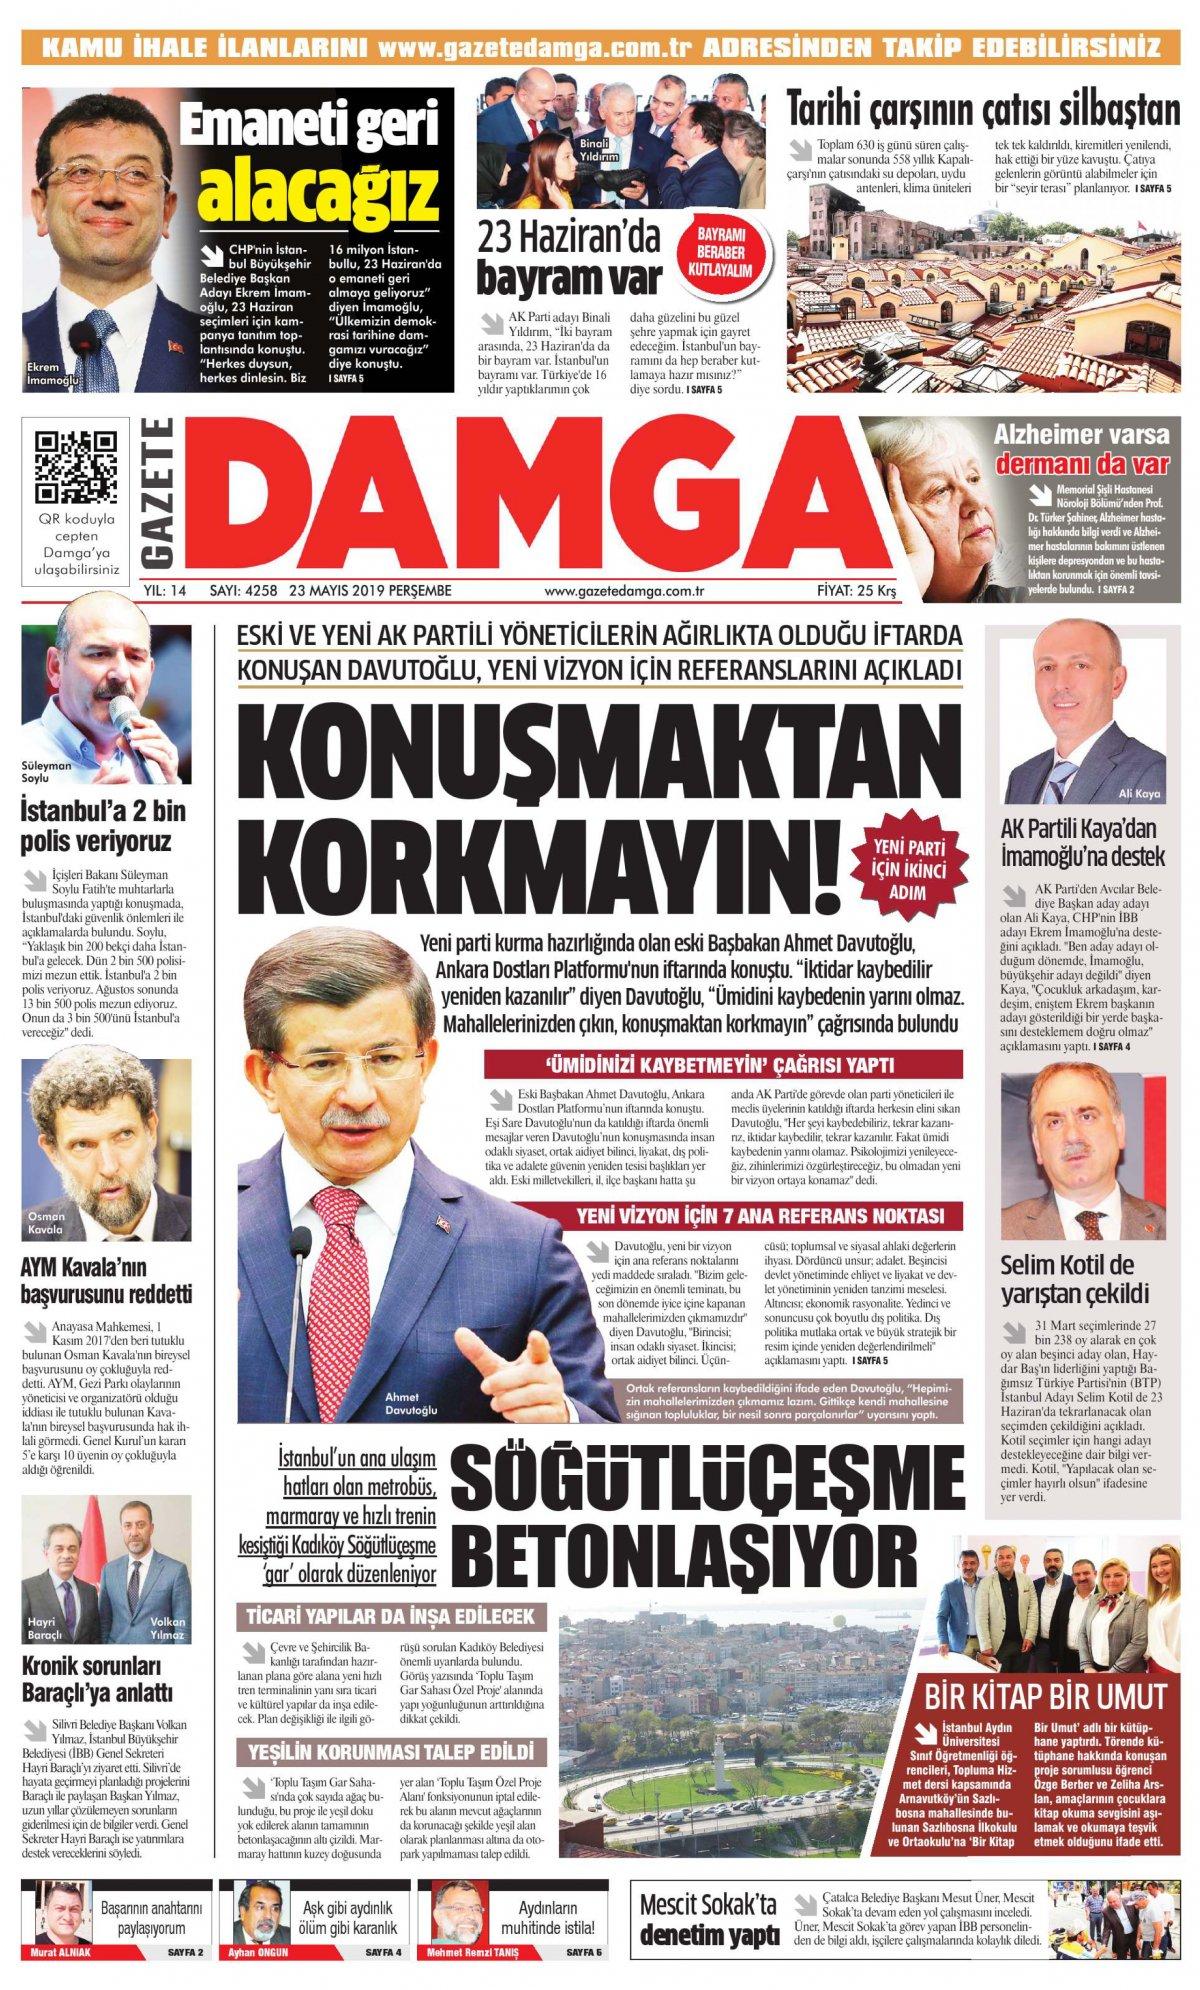 Gazete Damga - 23.05.2019 Sayfaları